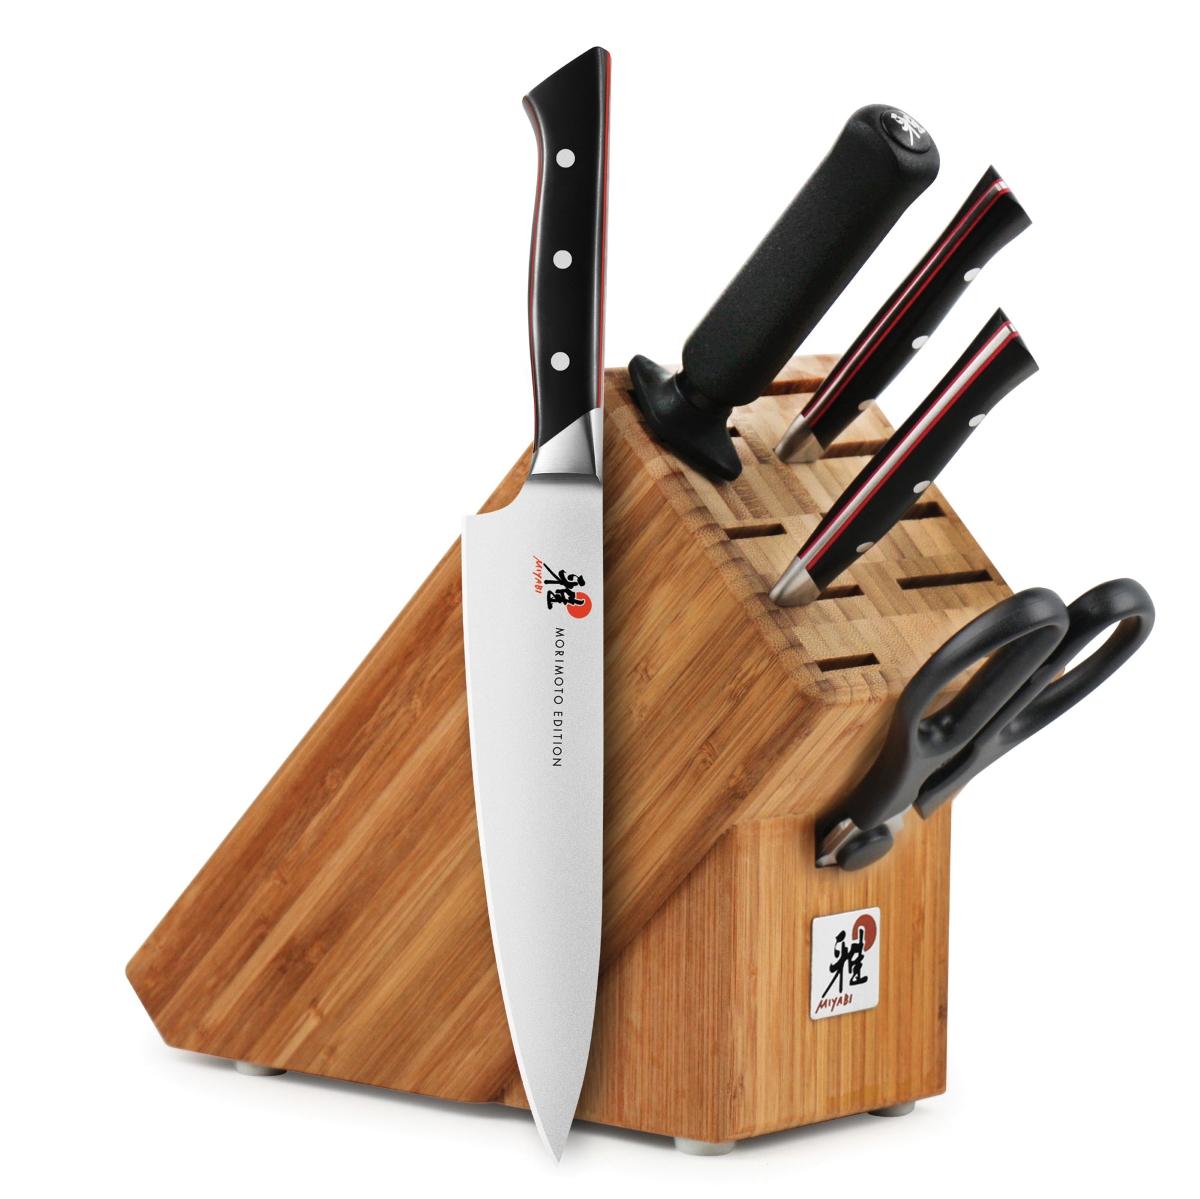 Miyabi Morimoto 600S 6 Piece Knife Block Set